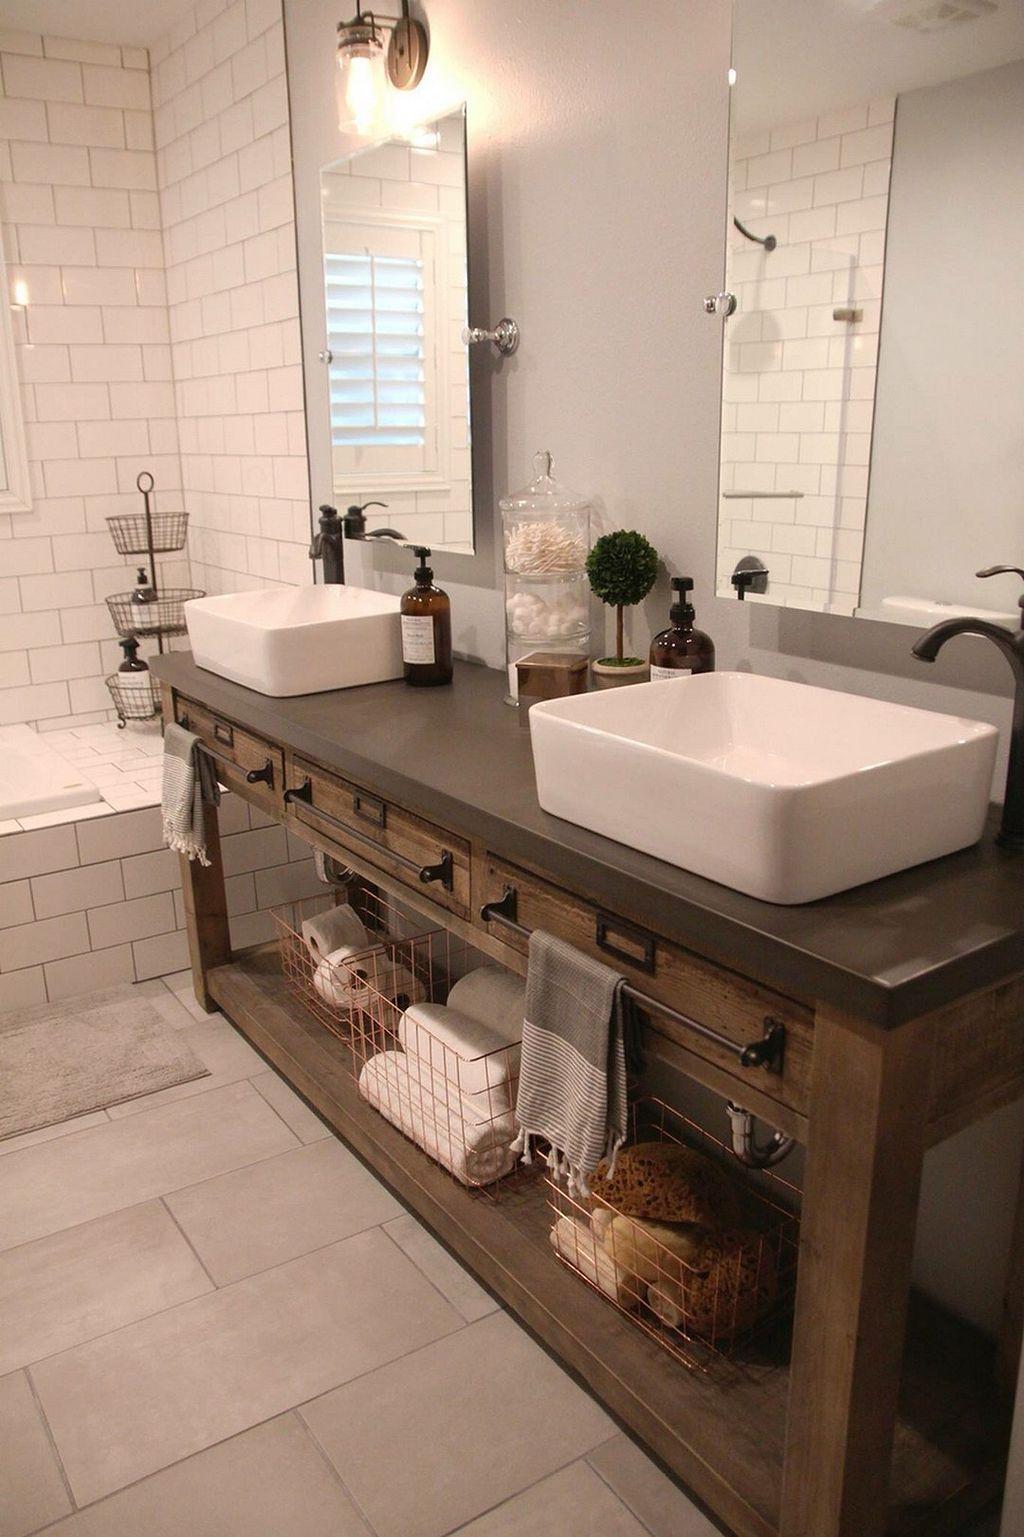 wonderful urban farmhouse master bathroom remodel 53 on bathroom renovation ideas diy id=81540